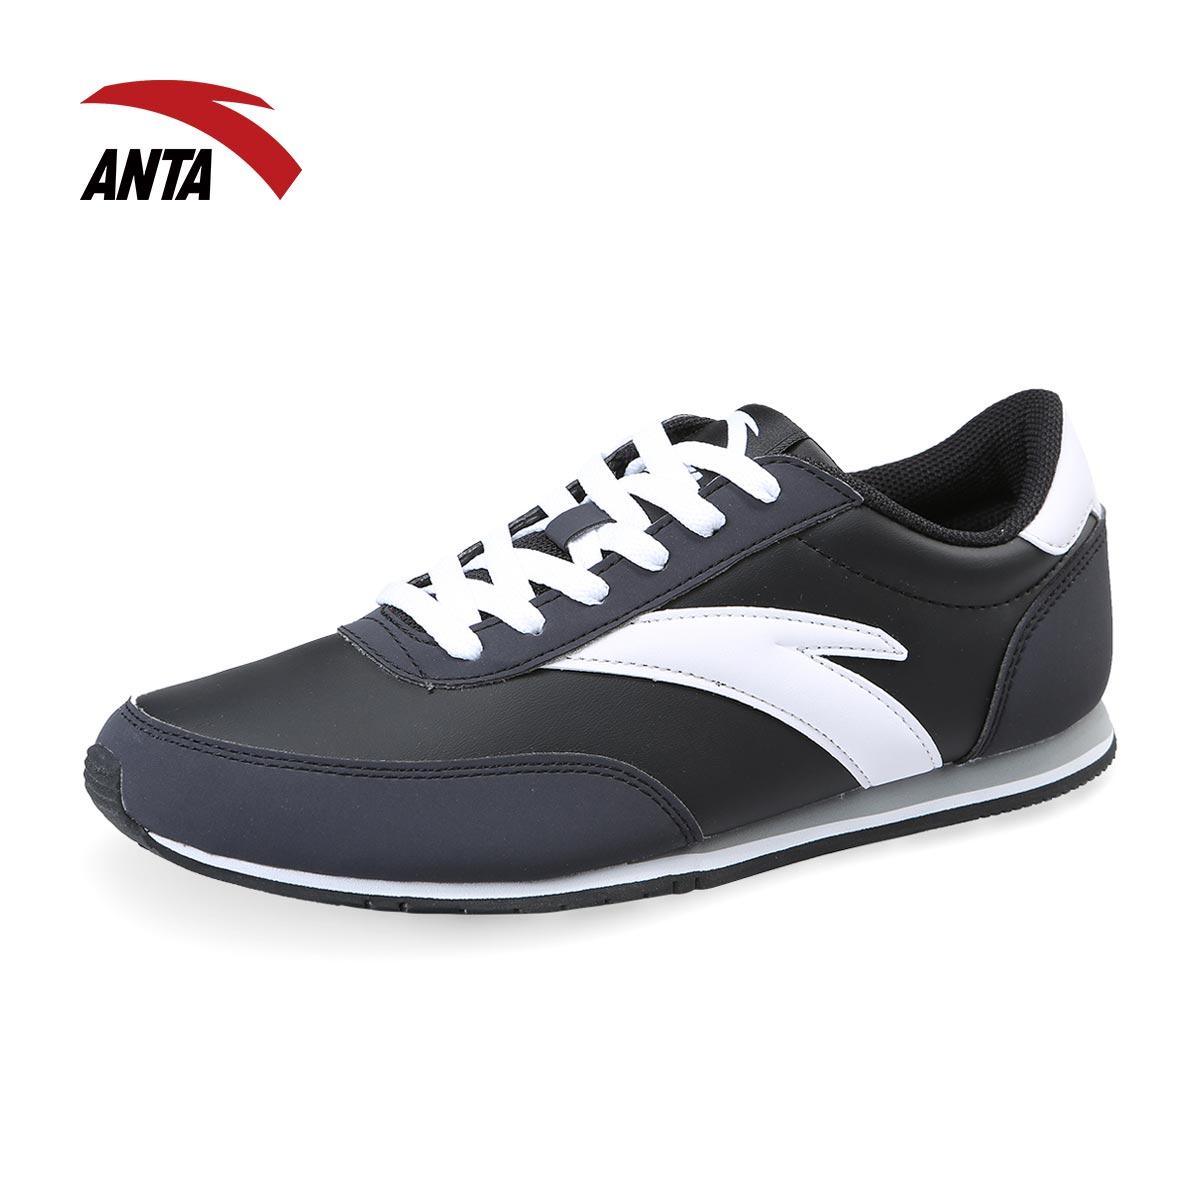 安踏男鞋 ANTA休闲鞋鞋2014秋新款复古英伦韩版平底鞋子|11438816